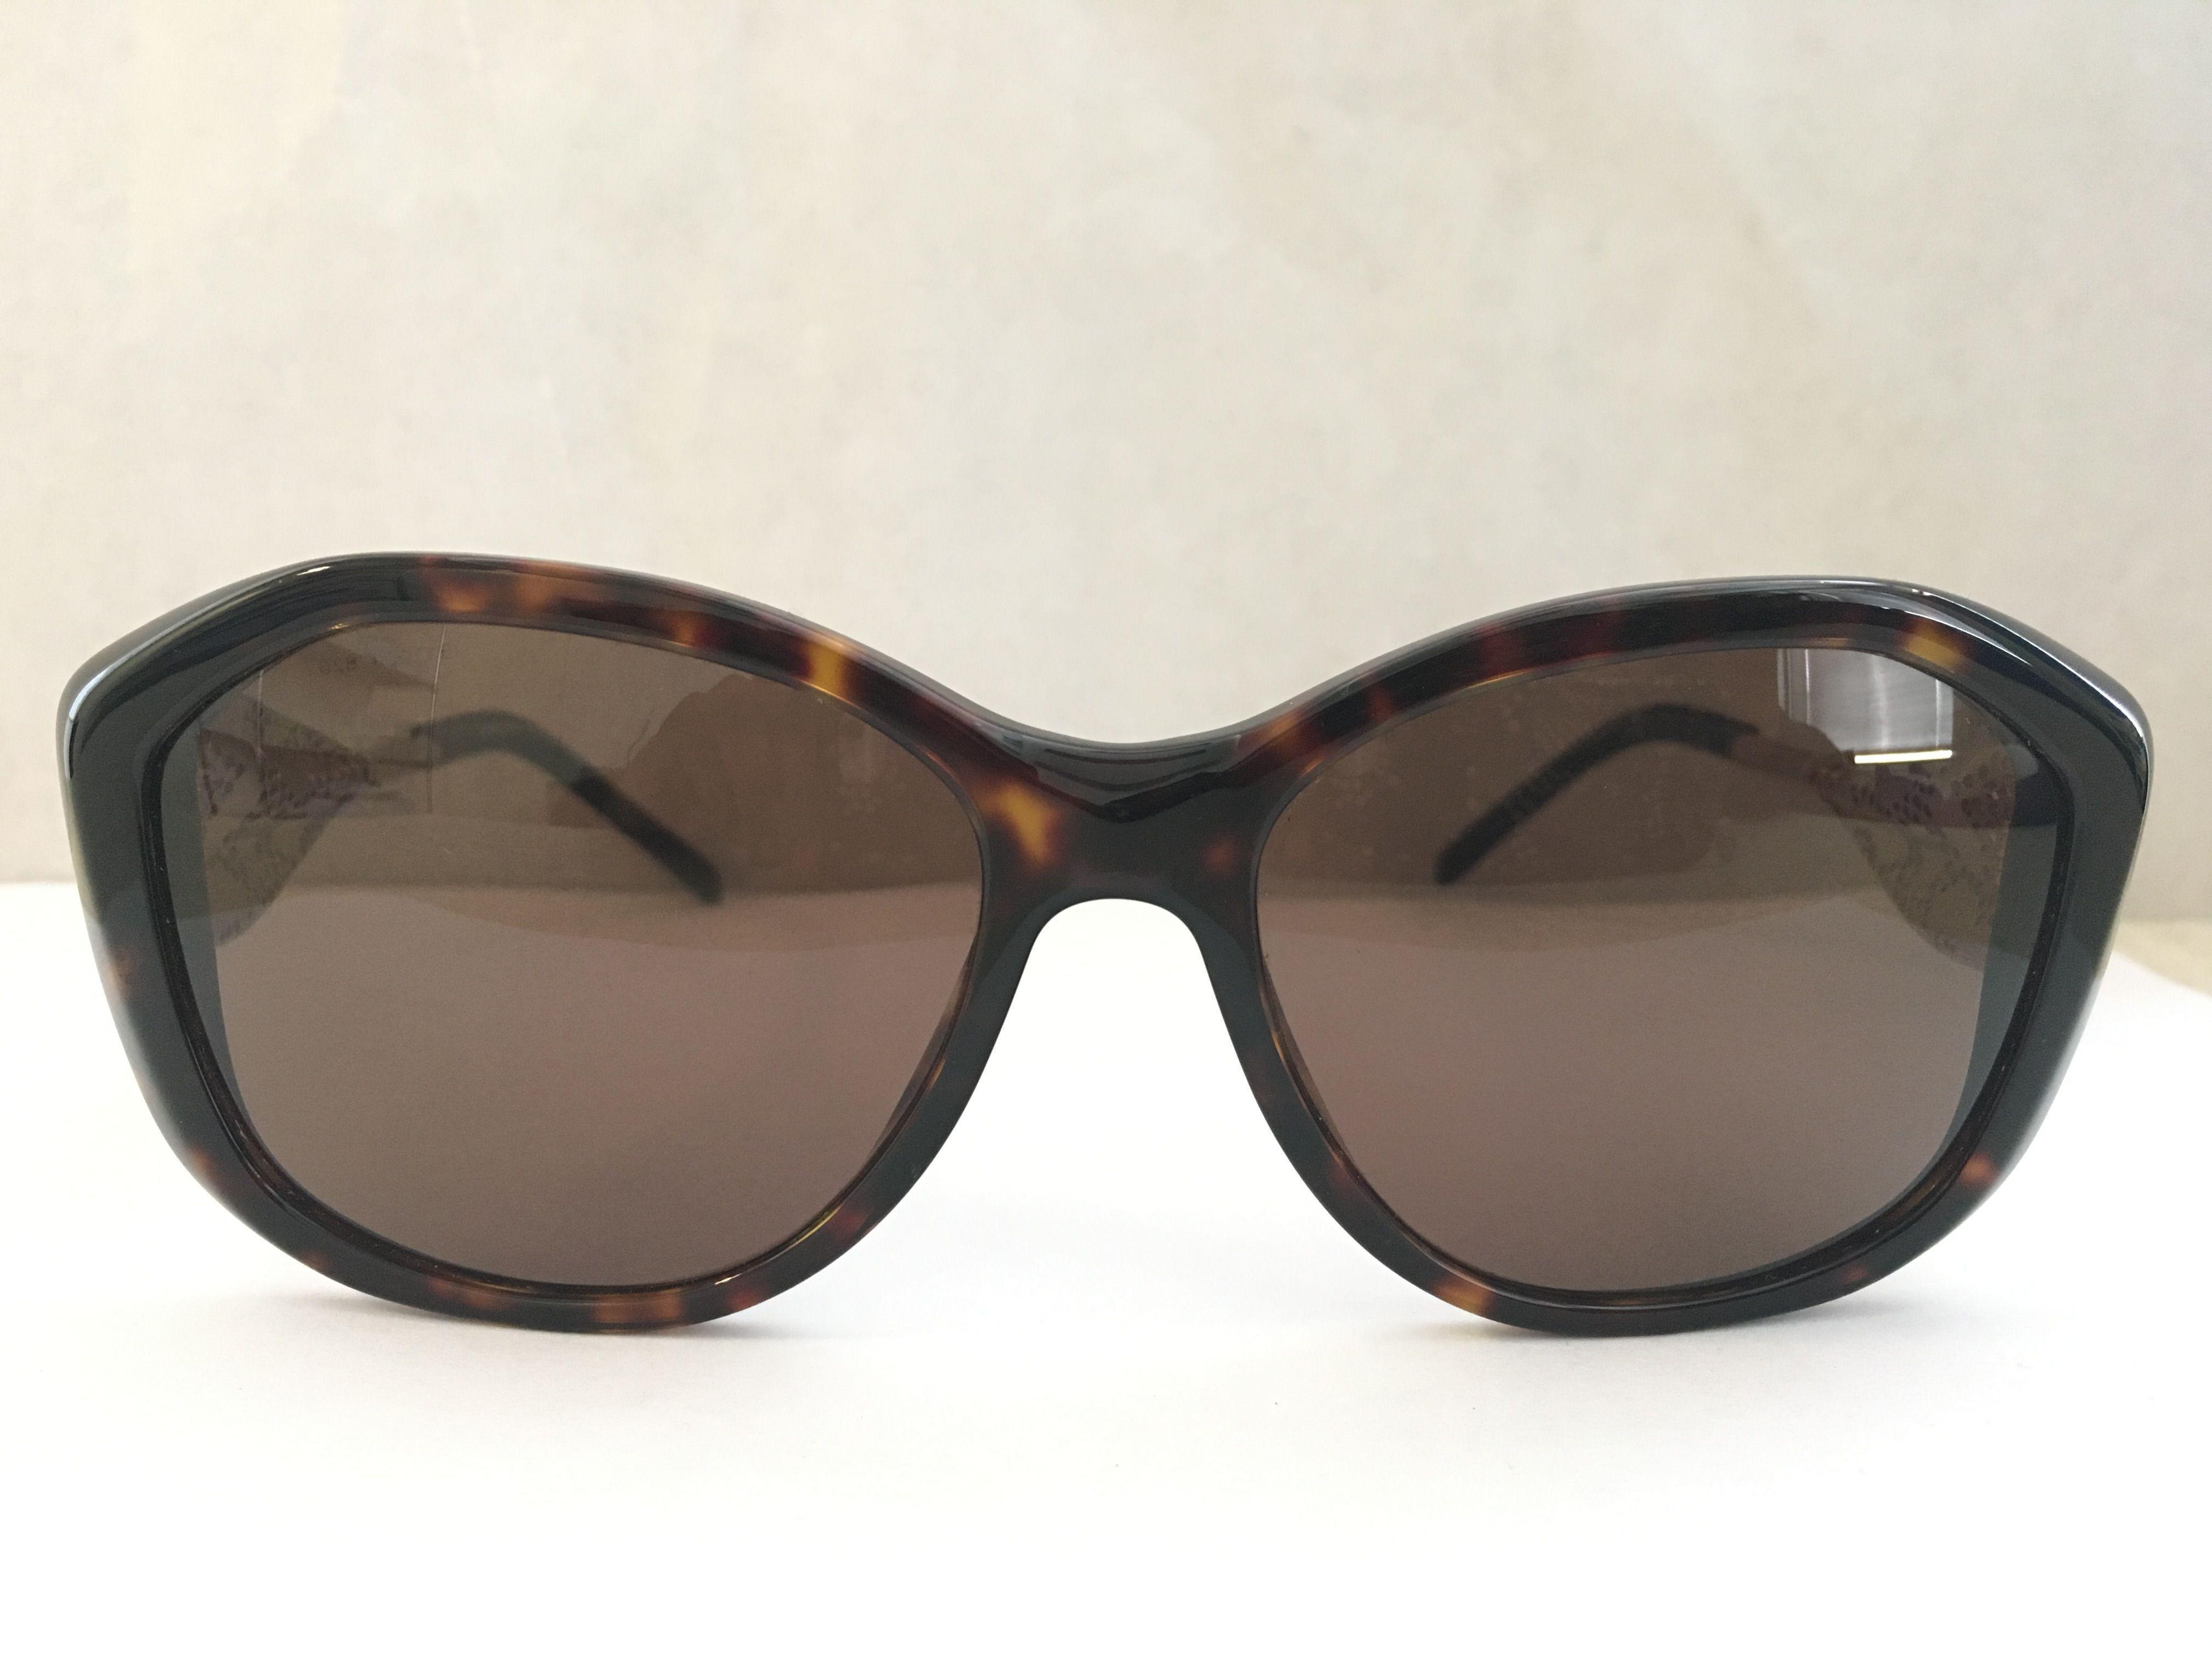 7b4f8793c5 Burberry - Brown Be4208q 300273 Dark Havana Oval Sunglasses - Lyst. View  fullscreen